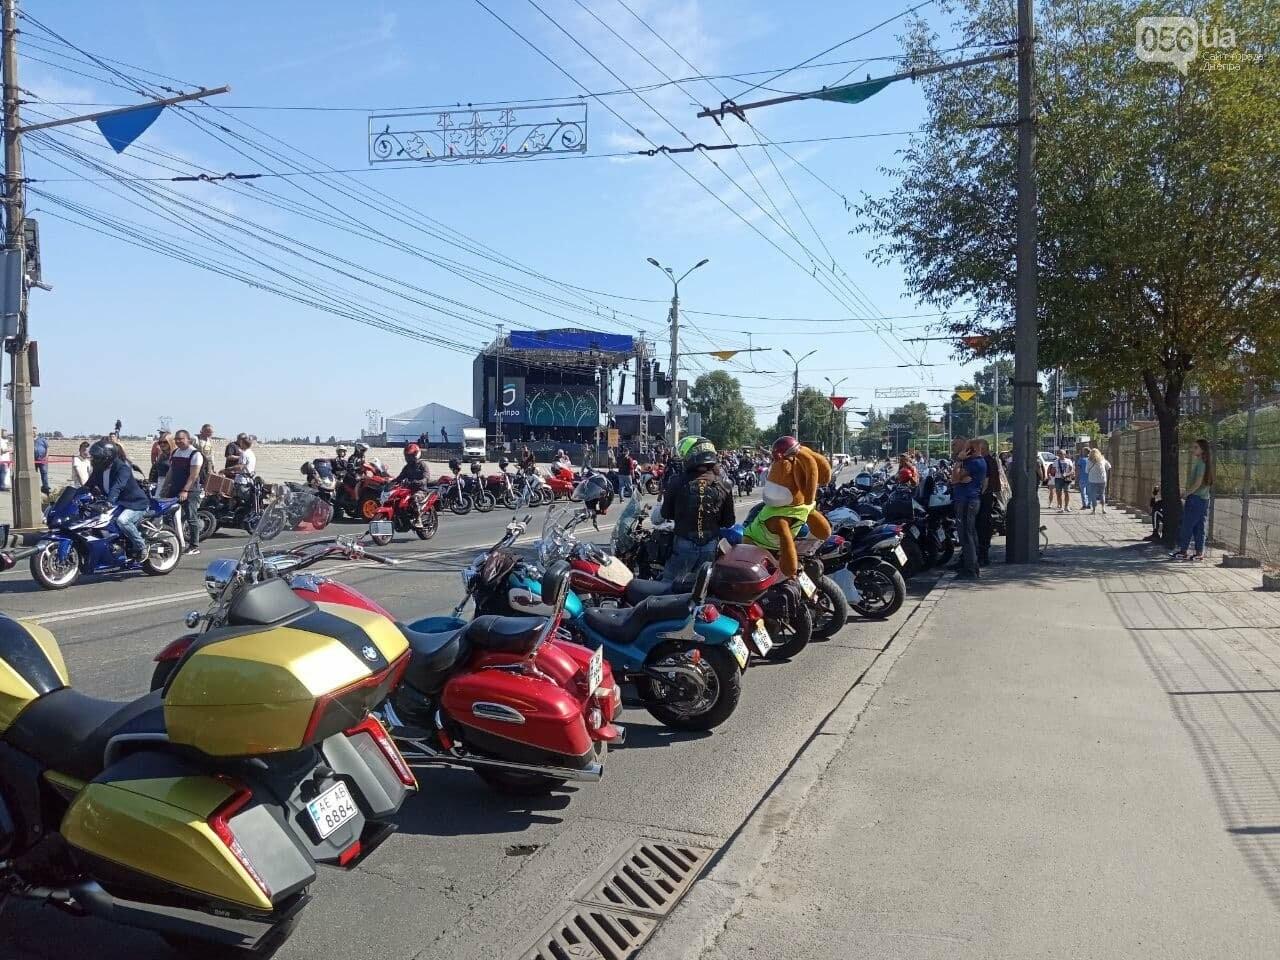 В Днепре байкеры сезон закрыли, но мотоциклы в гараж не поставили, - ФОТО, ВИДЕО, фото-2